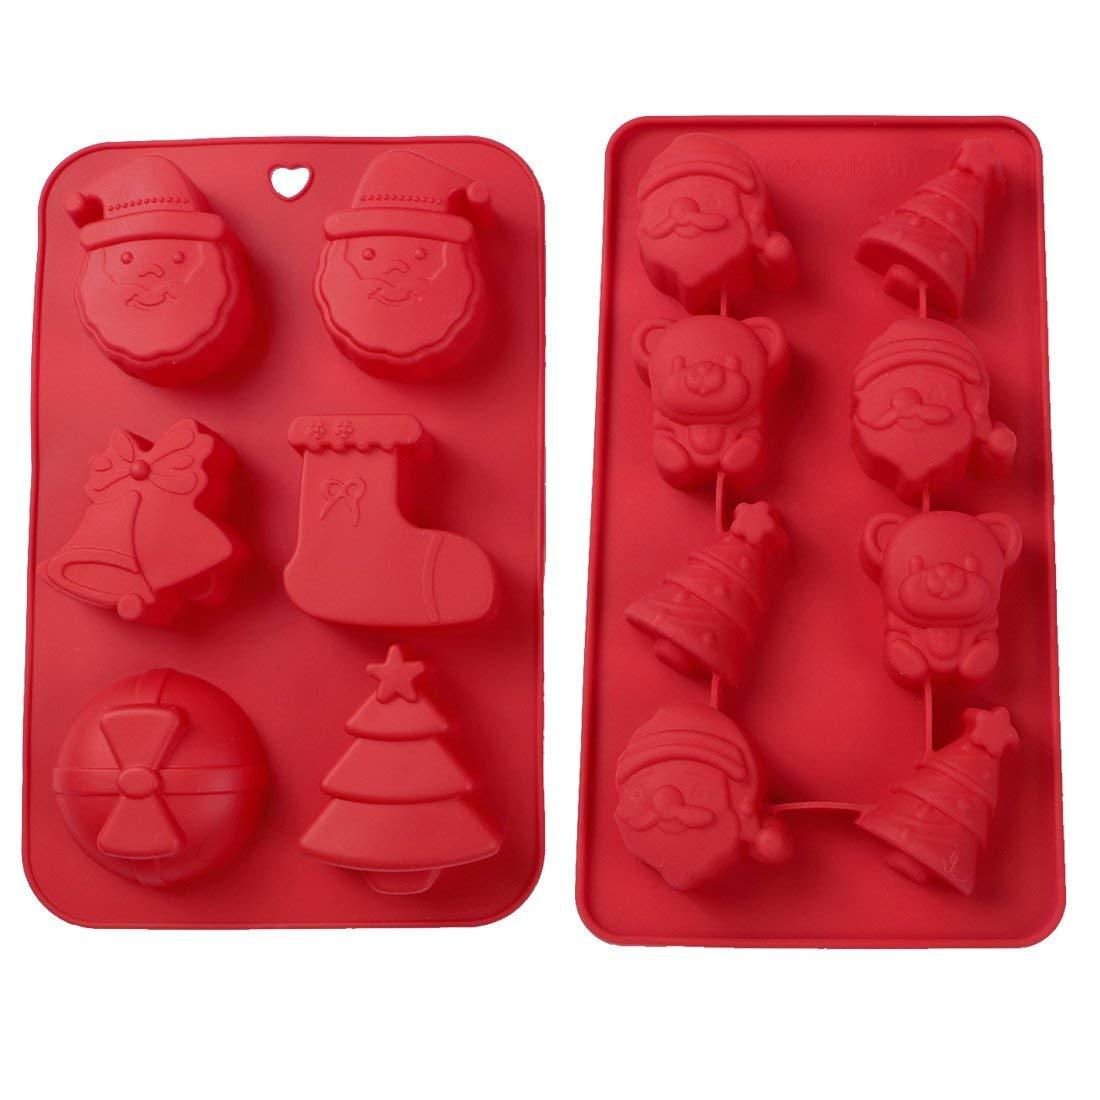 Webake Christmas Silicone Cake Mold 1Pack 6-Cavity and Christmas Silicone Chocolate Mold 1Pack 8-Cavity